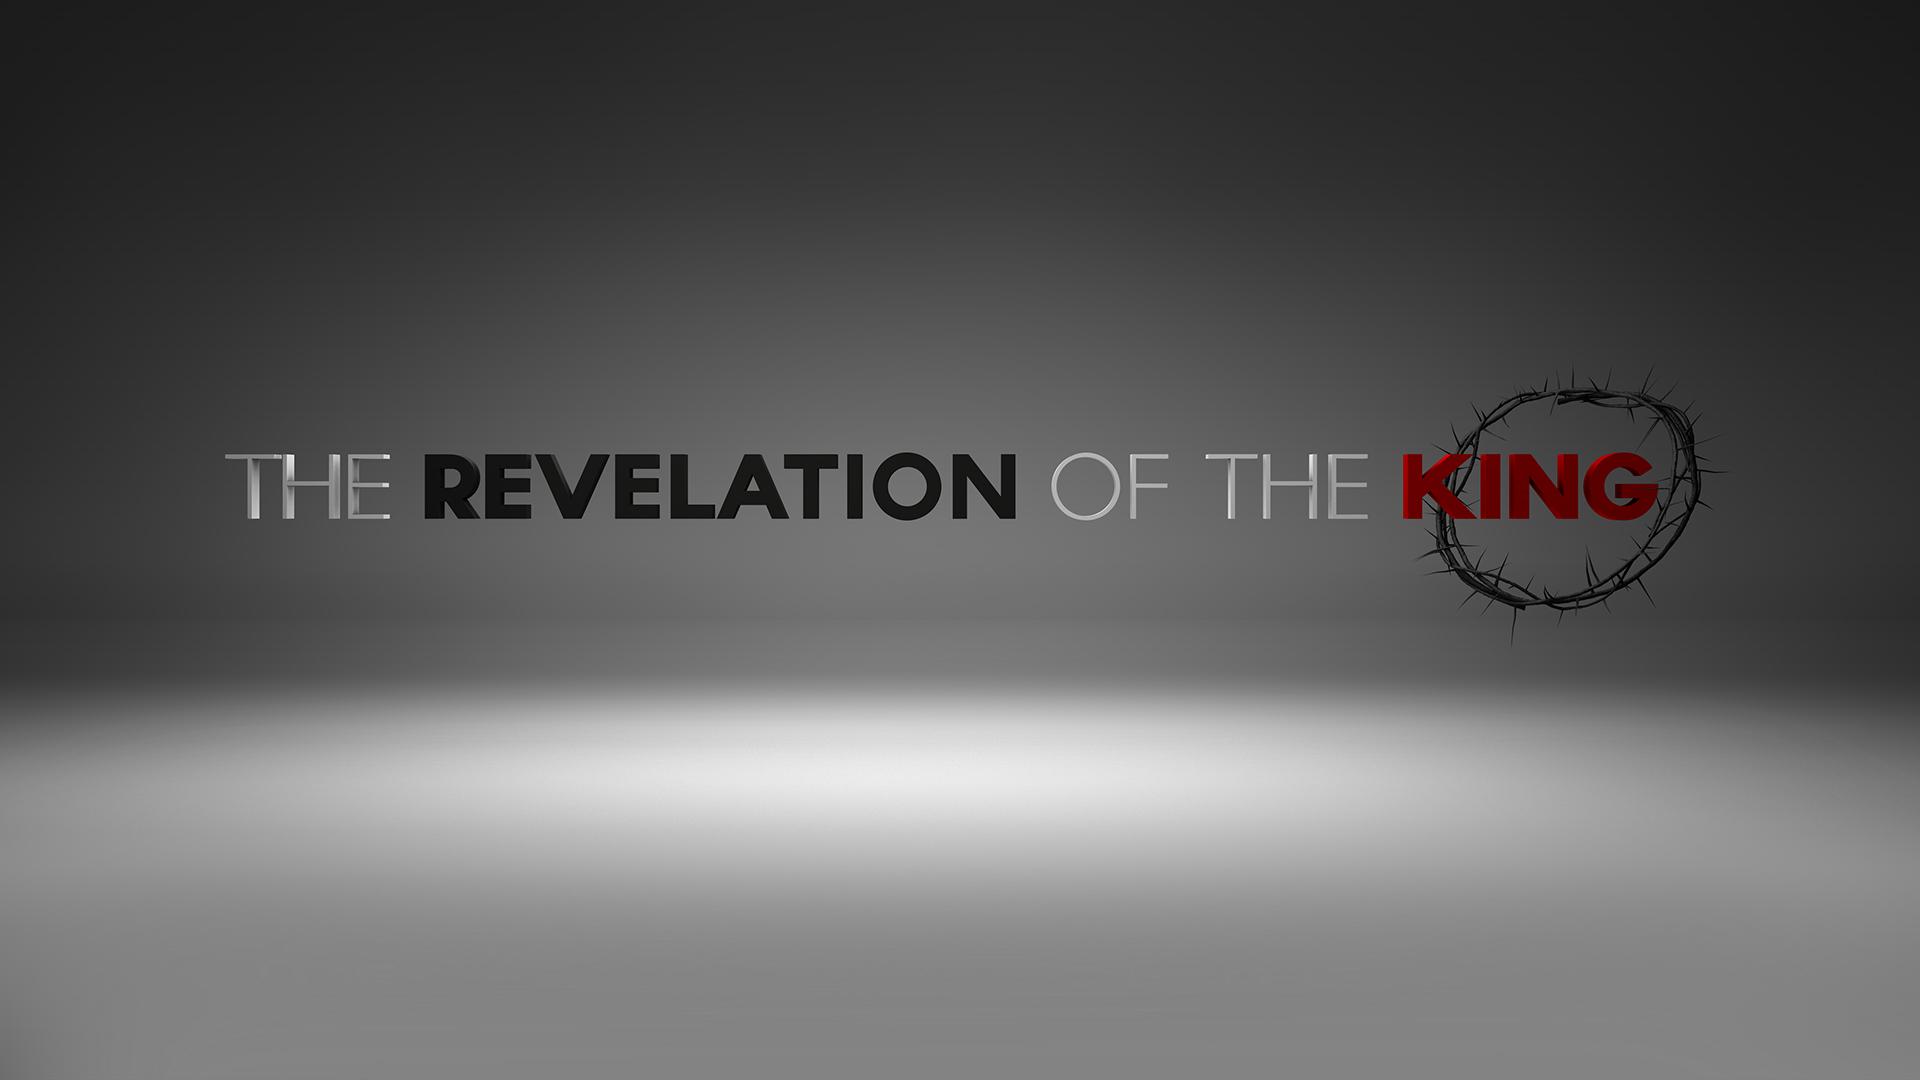 Revelation of the king 1080